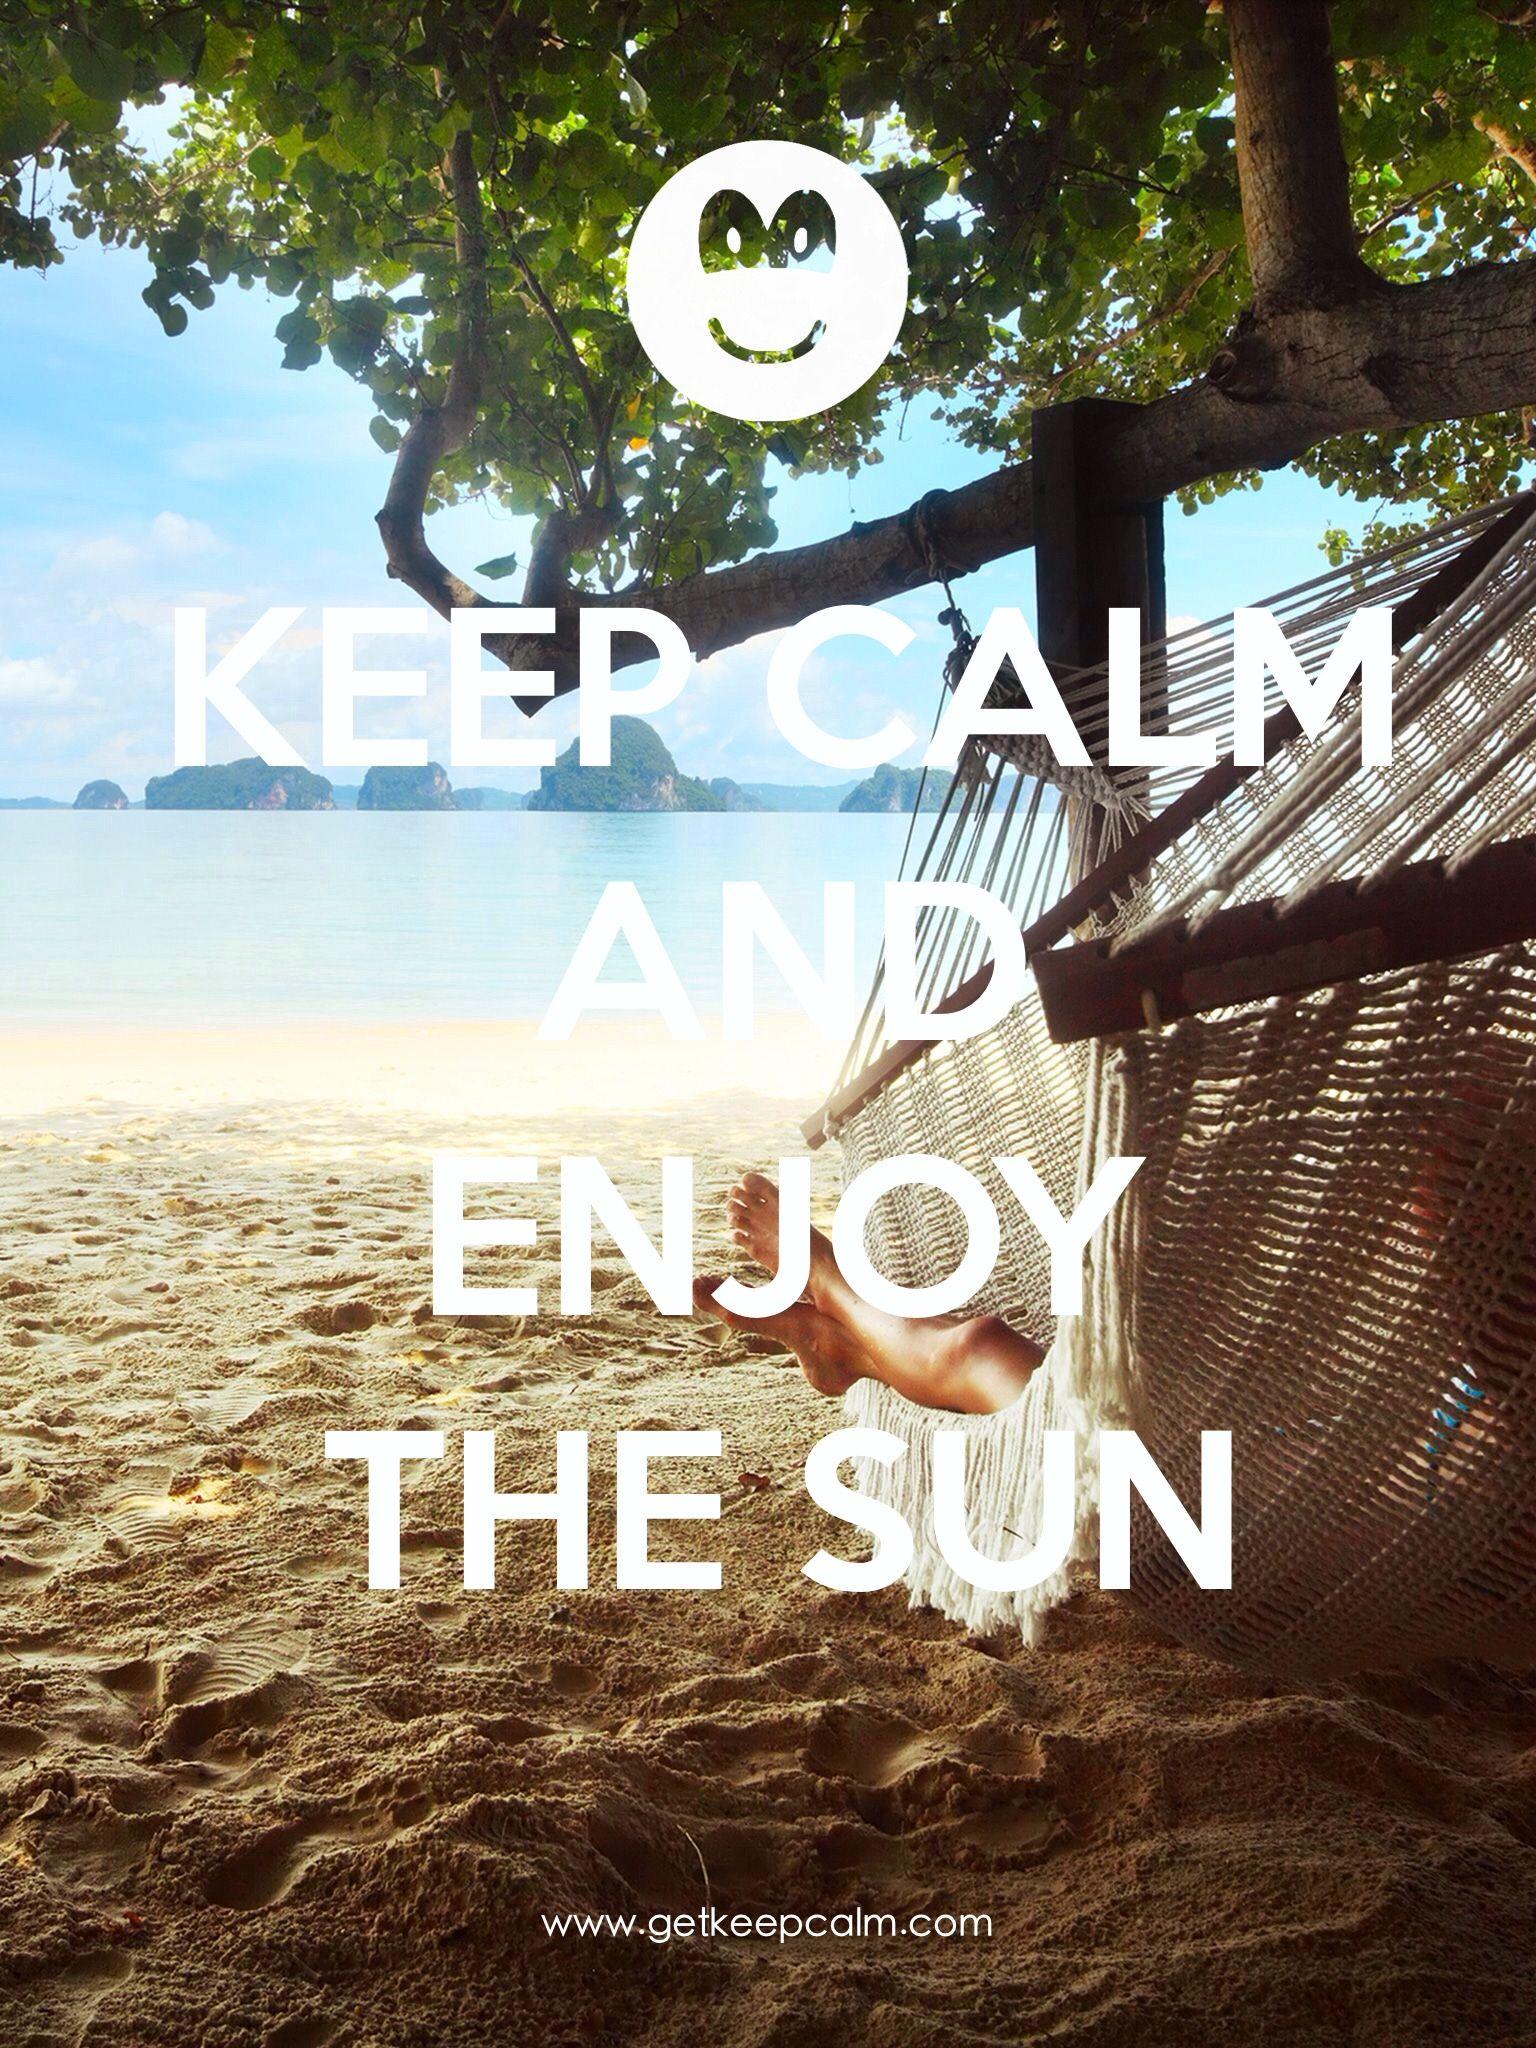 KEEP CALM and ENJOY The SUN created by IEC